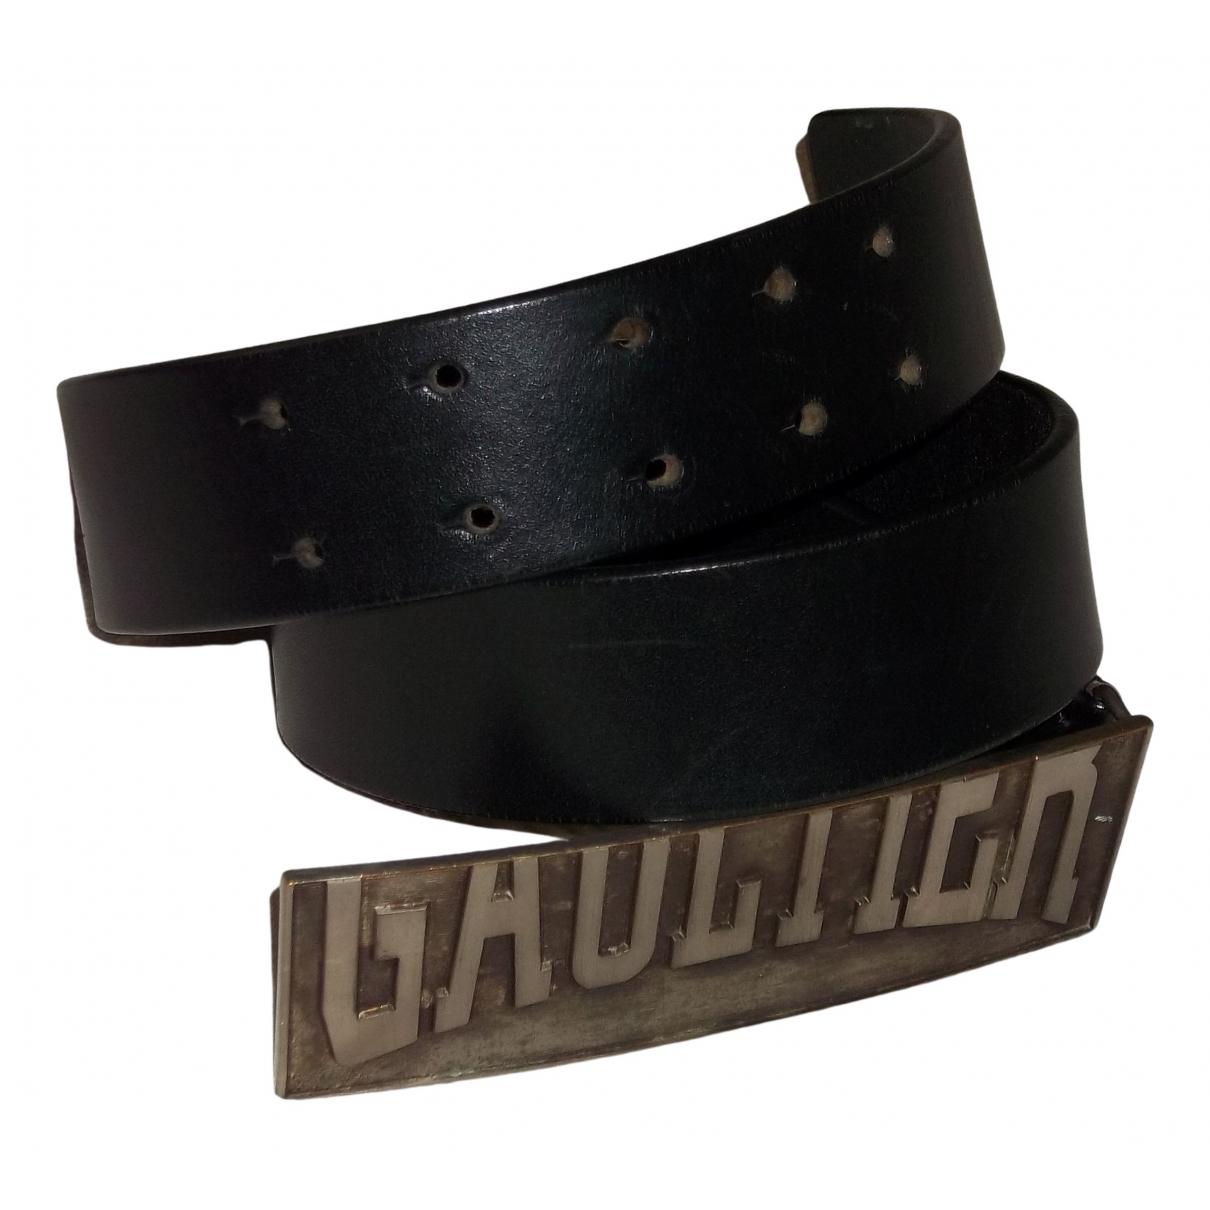 Jean Paul Gaultier \N Black Leather belt for Women 80 cm